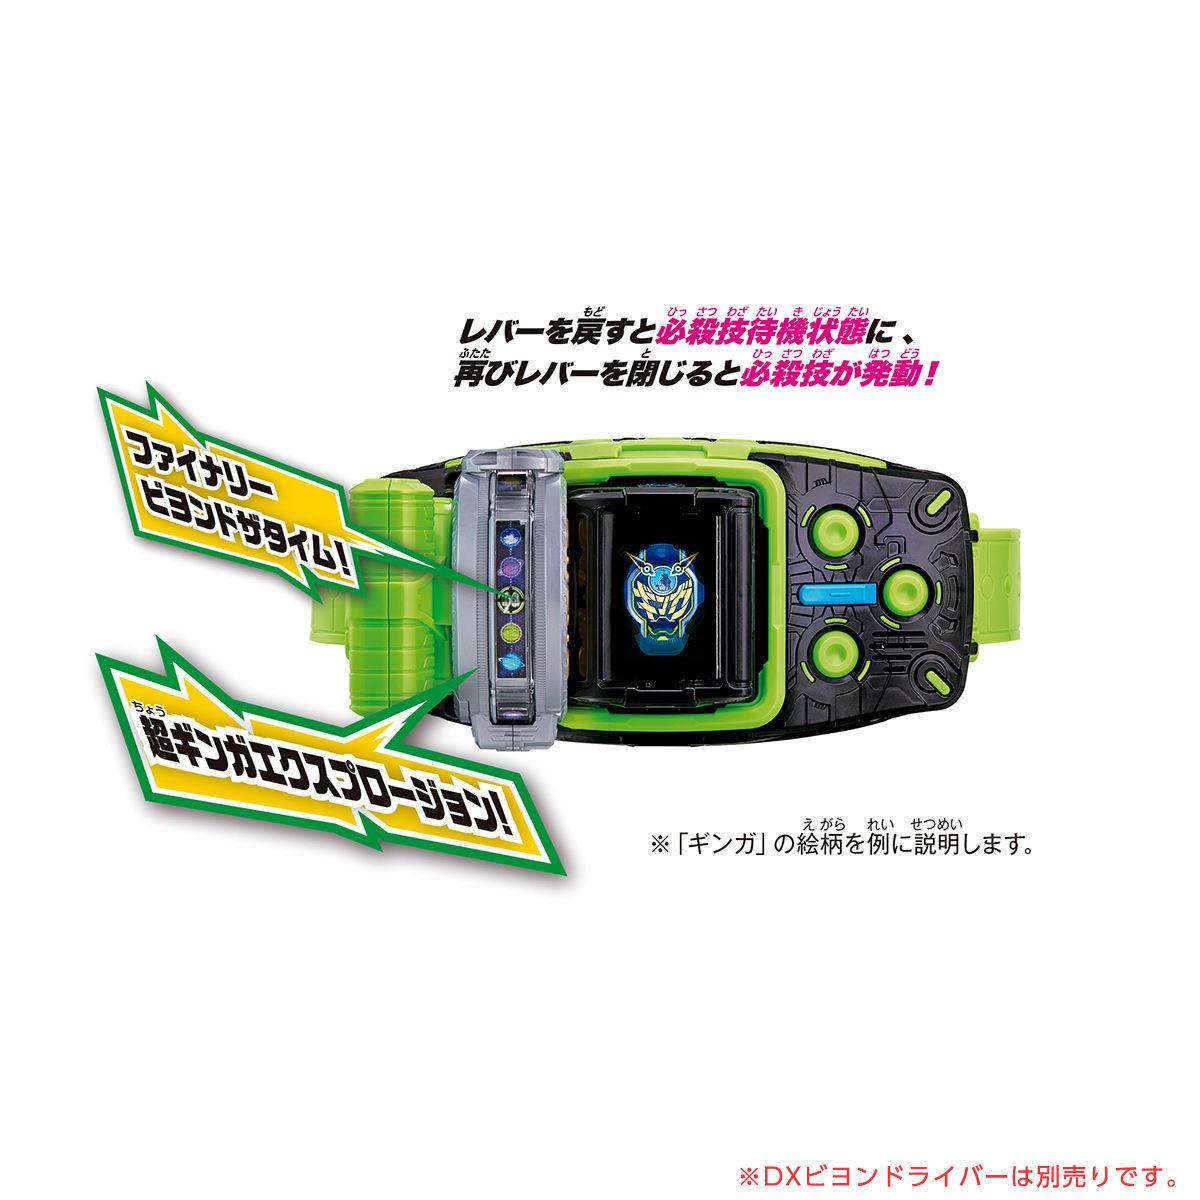 ライドウォッチ『DXギンガミライドウォッチ』仮面ライダージオウ 変身なりきり-006